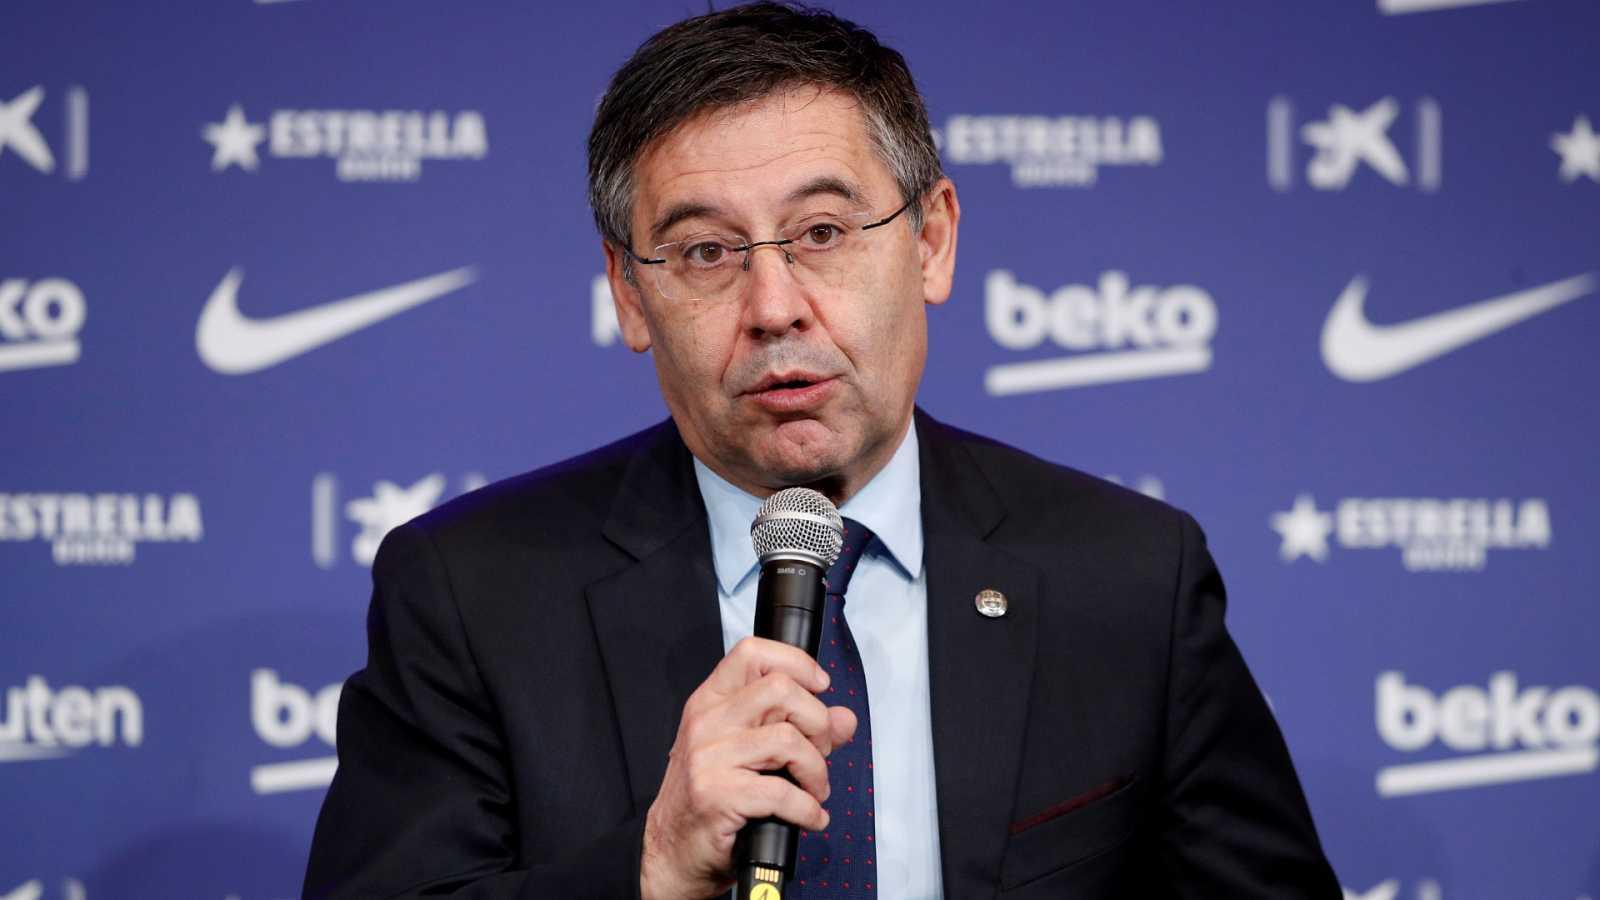 El Barça ahonda en su crisis tras la dimisión de seis directivos